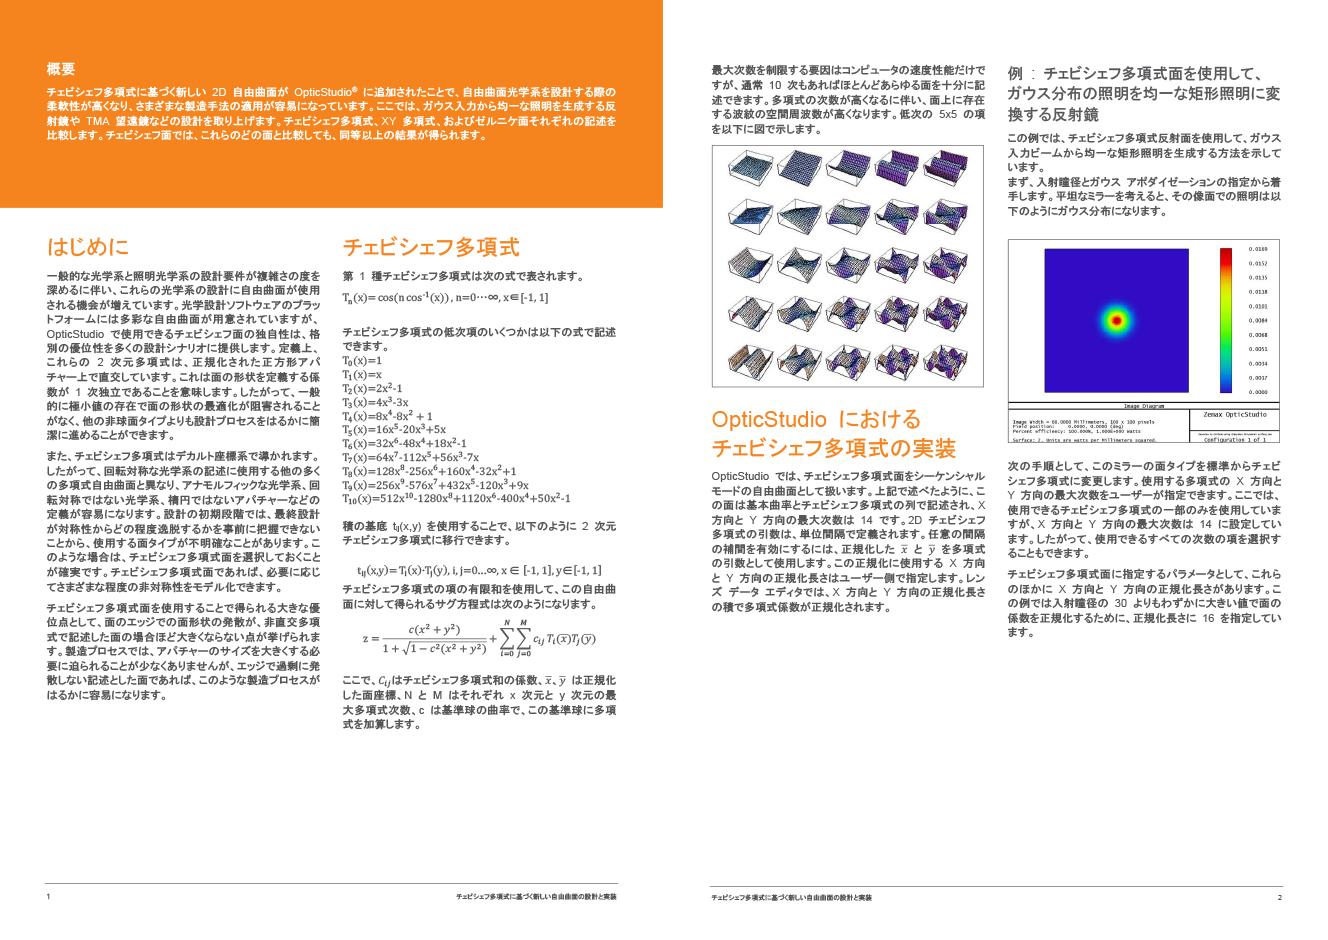 チェビチェフ多項式に基づく新たな自由曲面の設計と実装 Sneak Preview